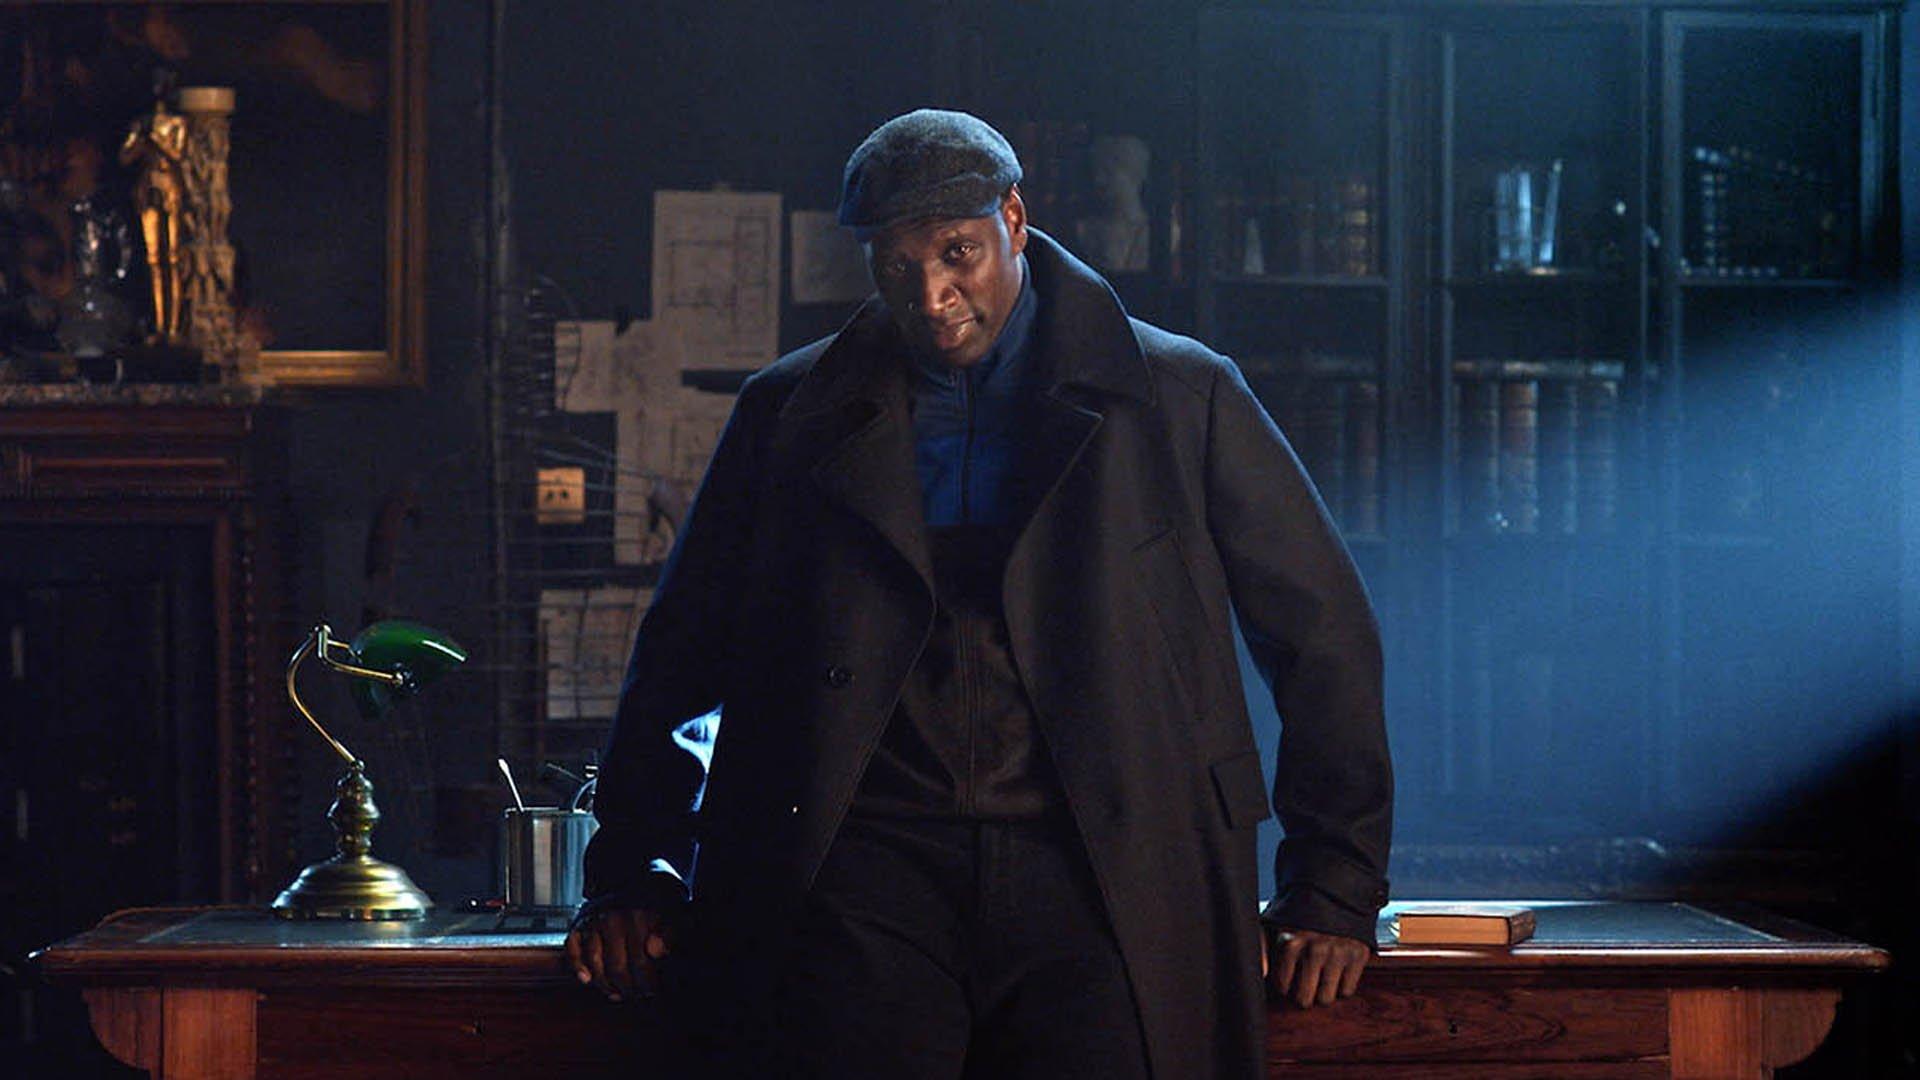 Il protagonista di Lupin è nero. È giusto parlare di blackwashing?